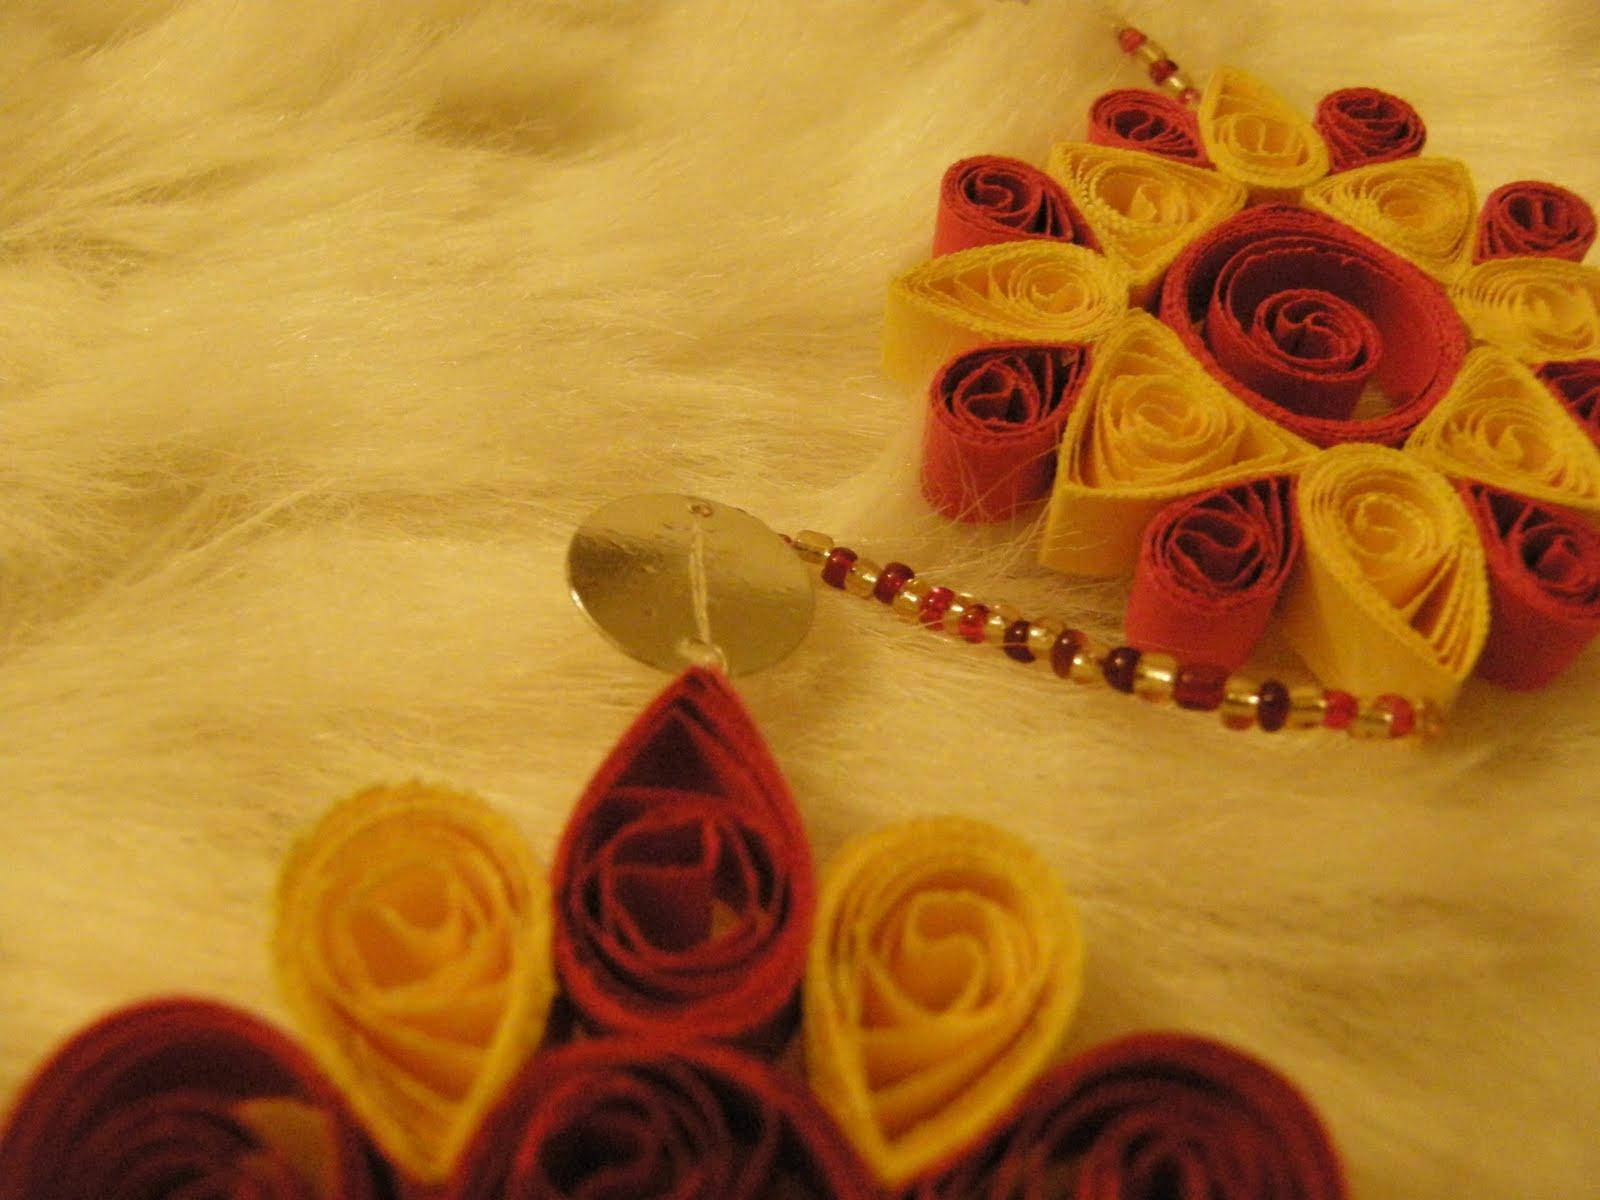 Deco quilling stuff pentru cei ce iubesc culorile rosu si for Deco quilling